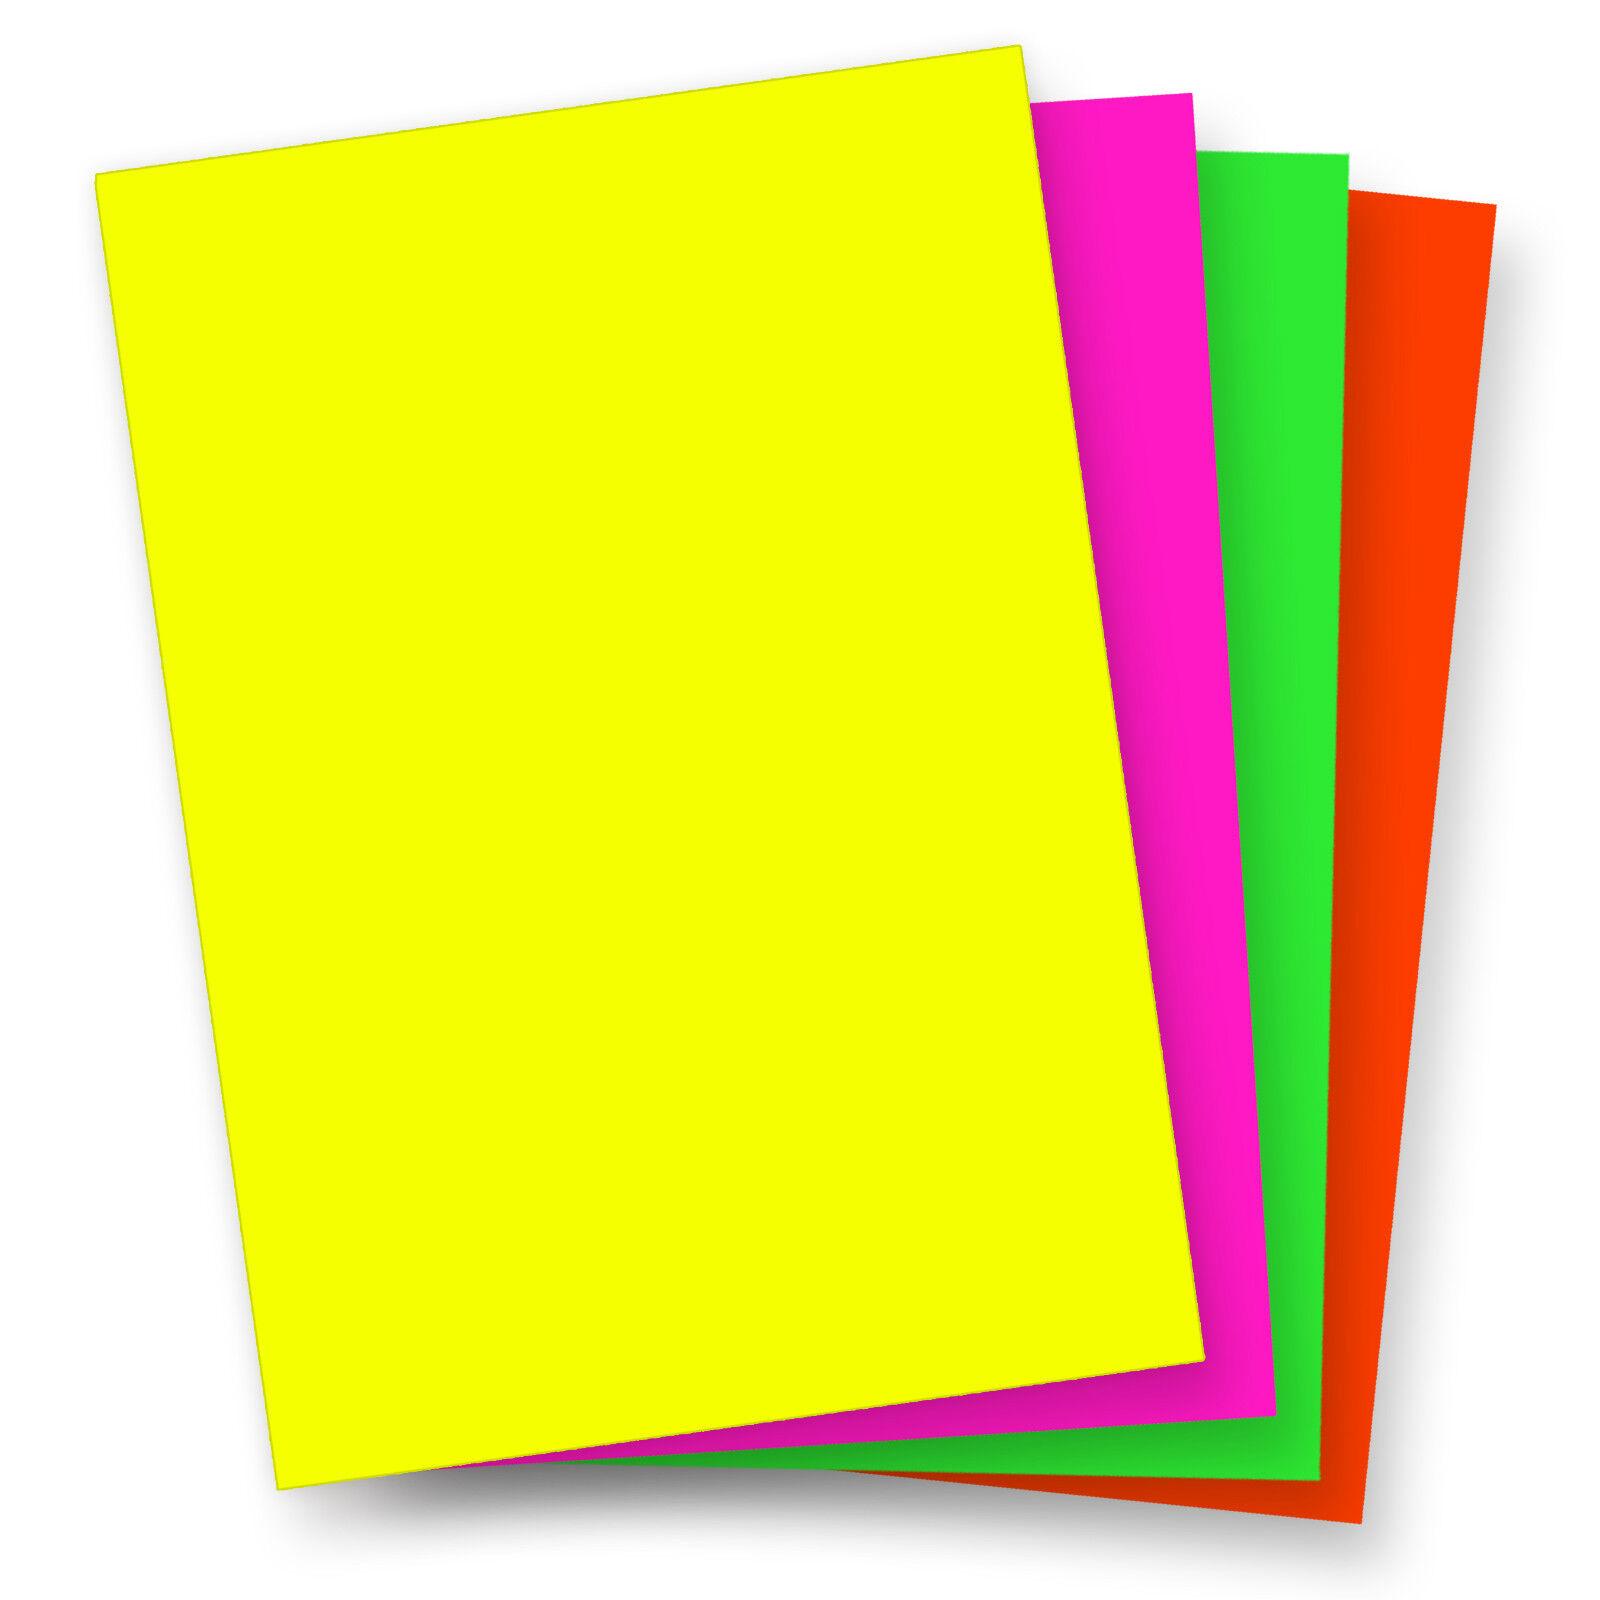 Briefpapier NEON - Rot Grün Gelb Pink Neonpapier Papier DIN A4 Kopierpapier